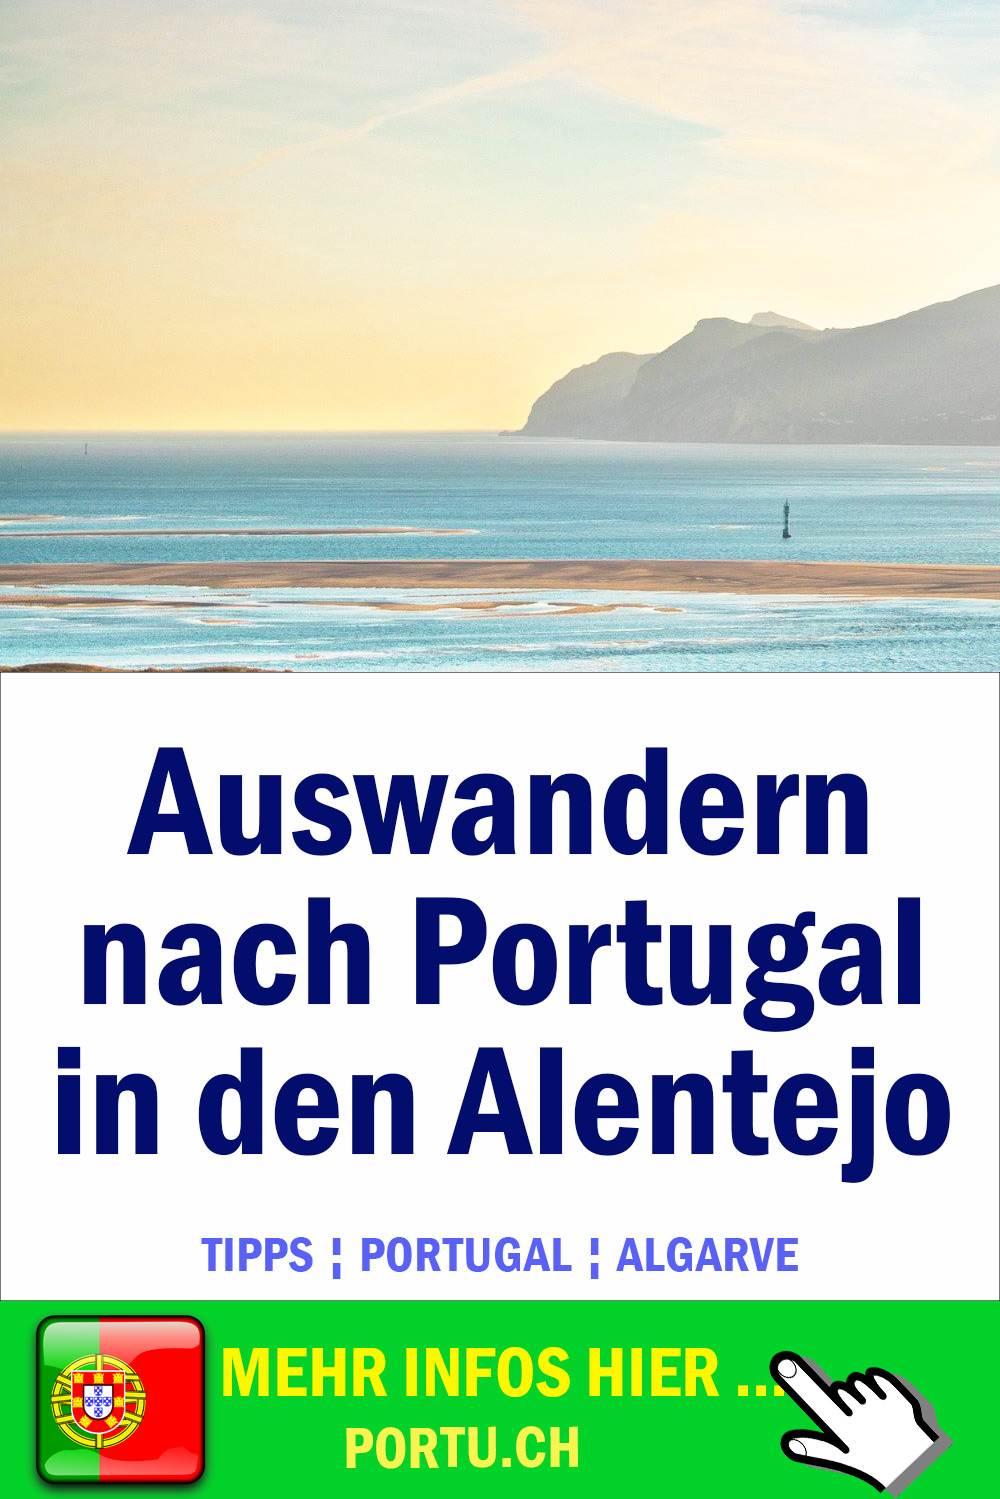 Auswandern-nach-Portugal-in-den-Alentejo